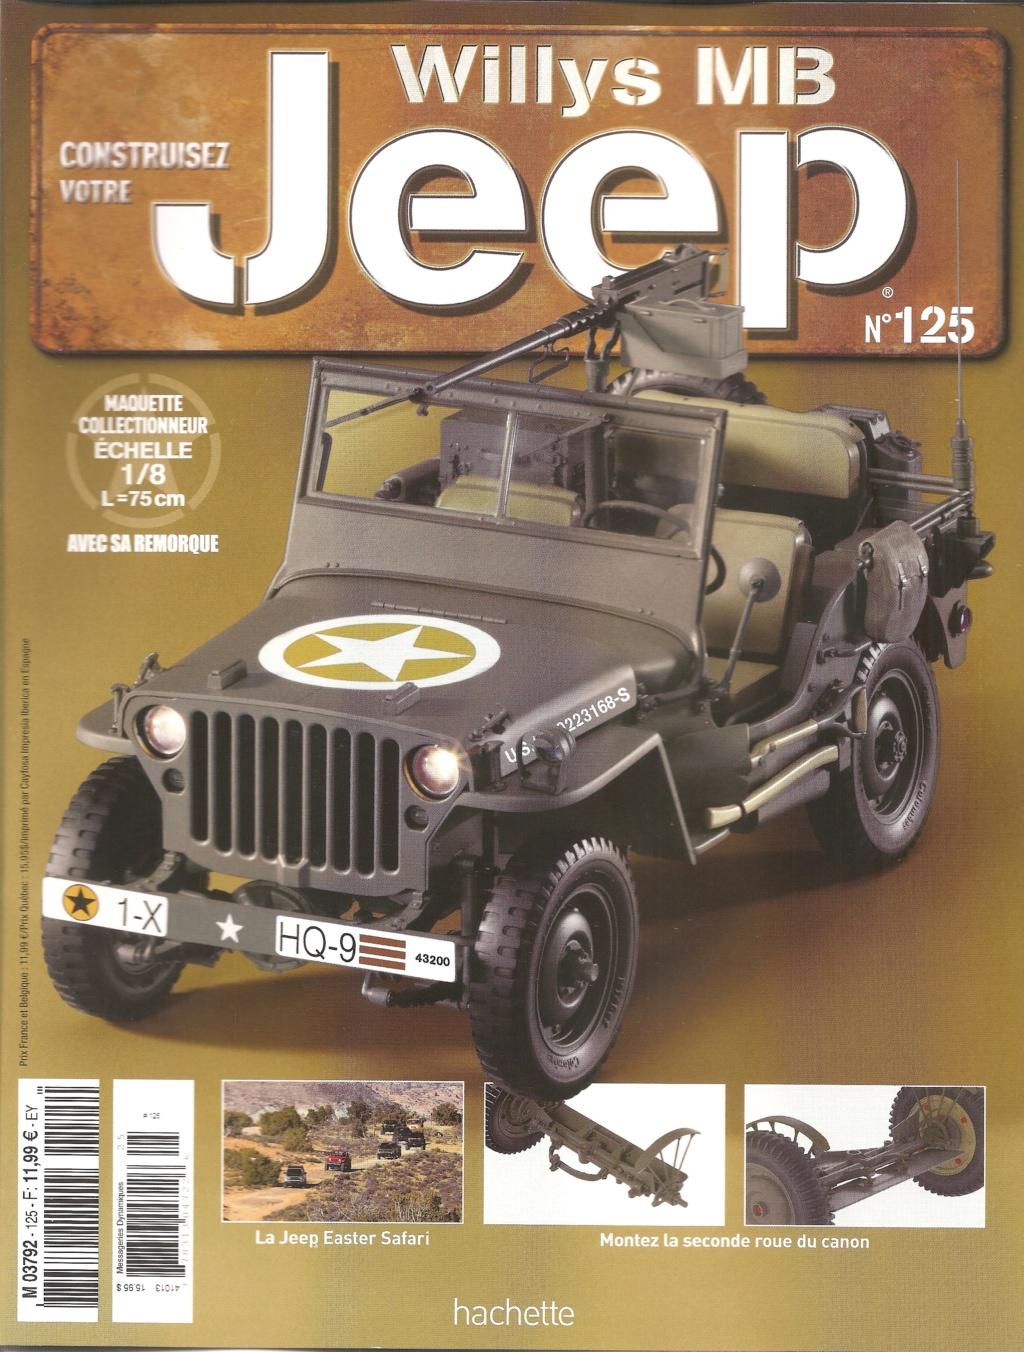 Jeep Willis Hachette au 1/8 - Page 44 N125_p10